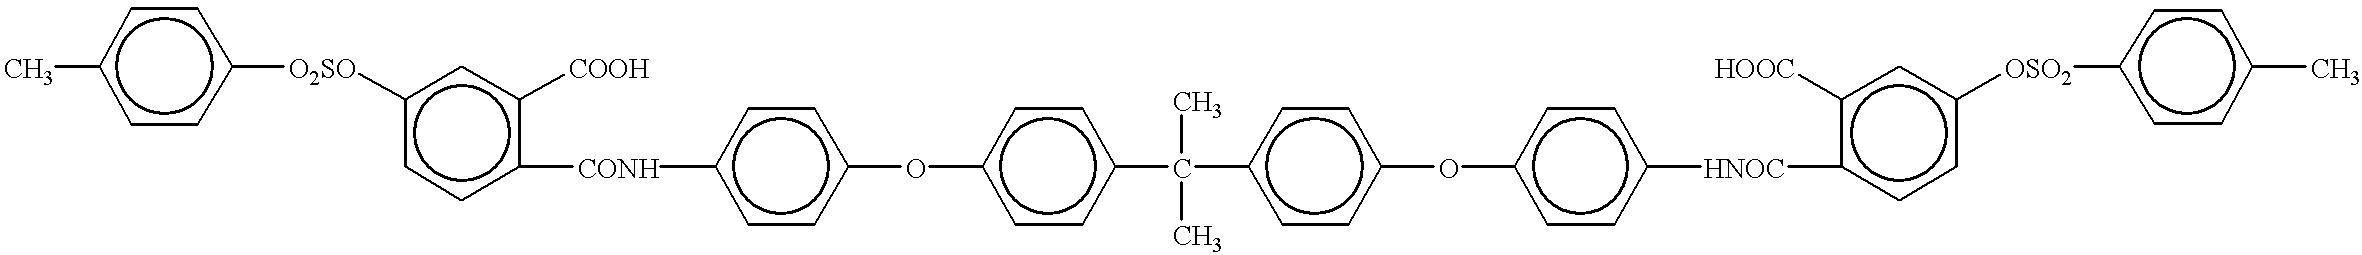 Figure US06180560-20010130-C00539